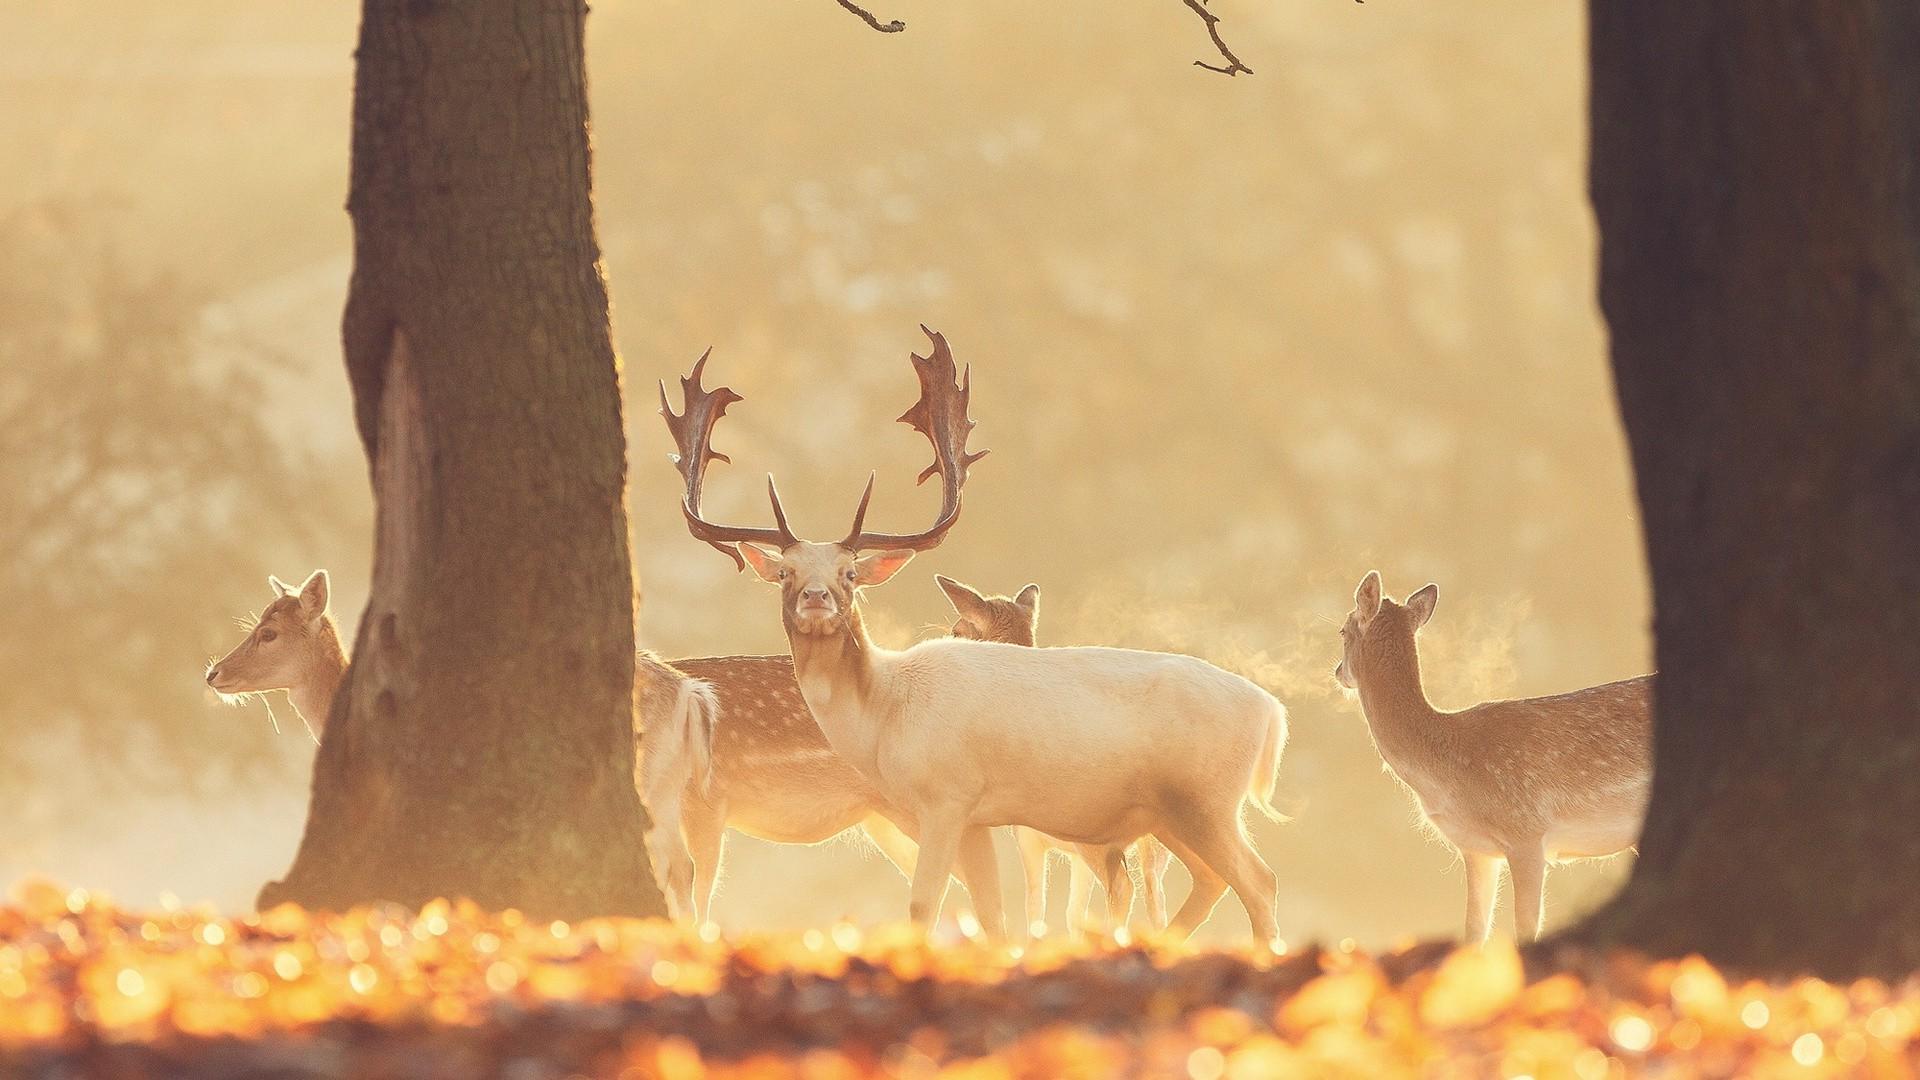 Красивые обои на рабочий стол с оленями